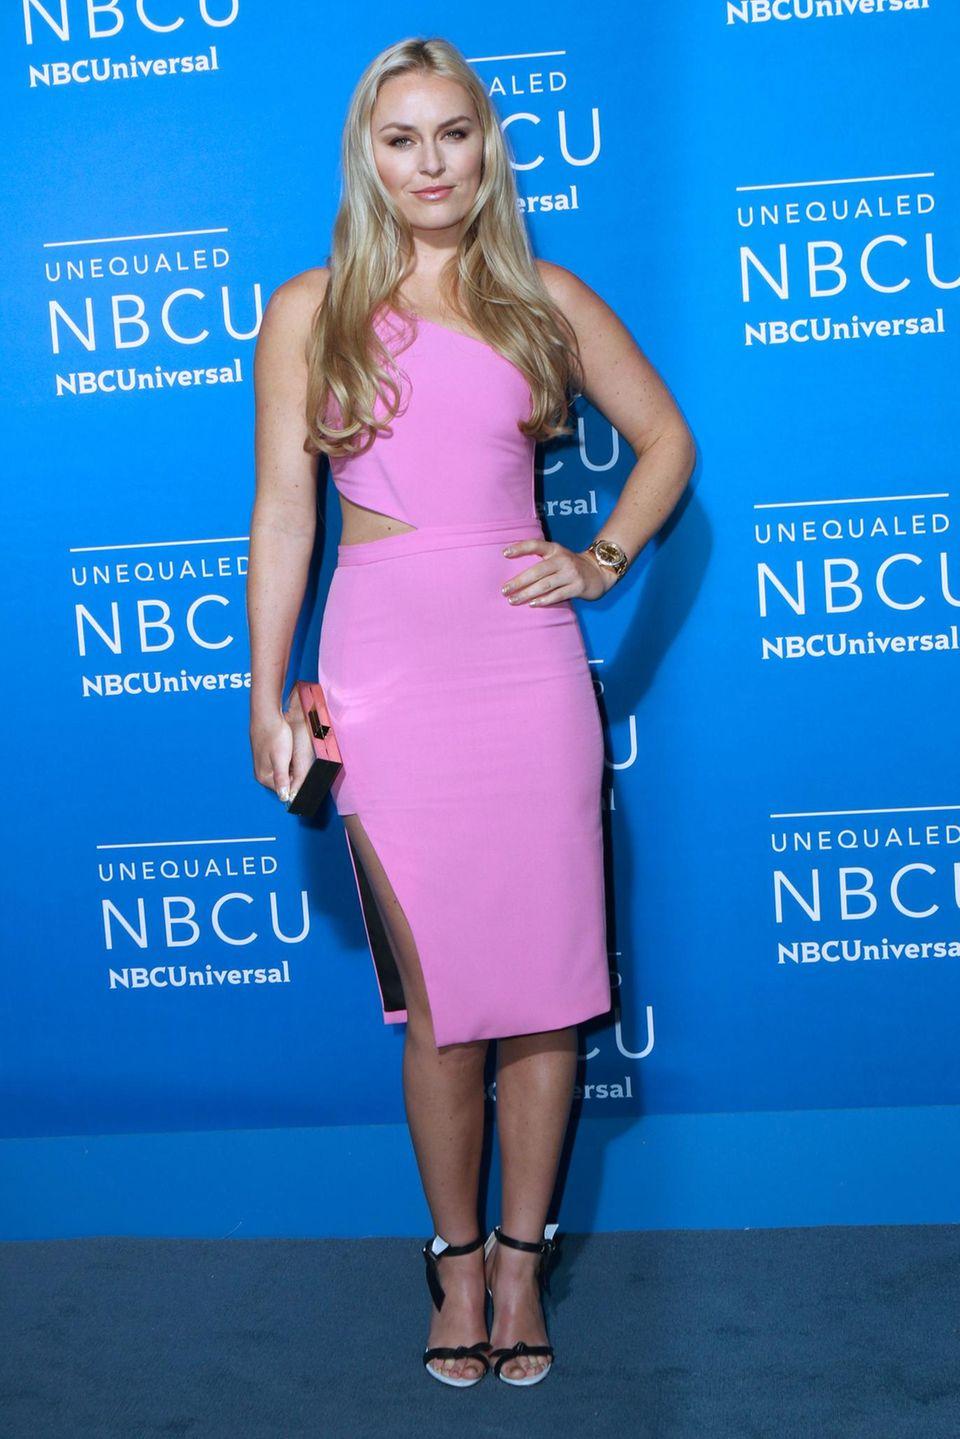 Barbie-Alarm? Lindsey Vonn, die neuerdings auf keinem roten Teppich fehlen darf, überzeugt in ihrem pinken Kleid mit seitlichem Cut-out diesmal nicht.